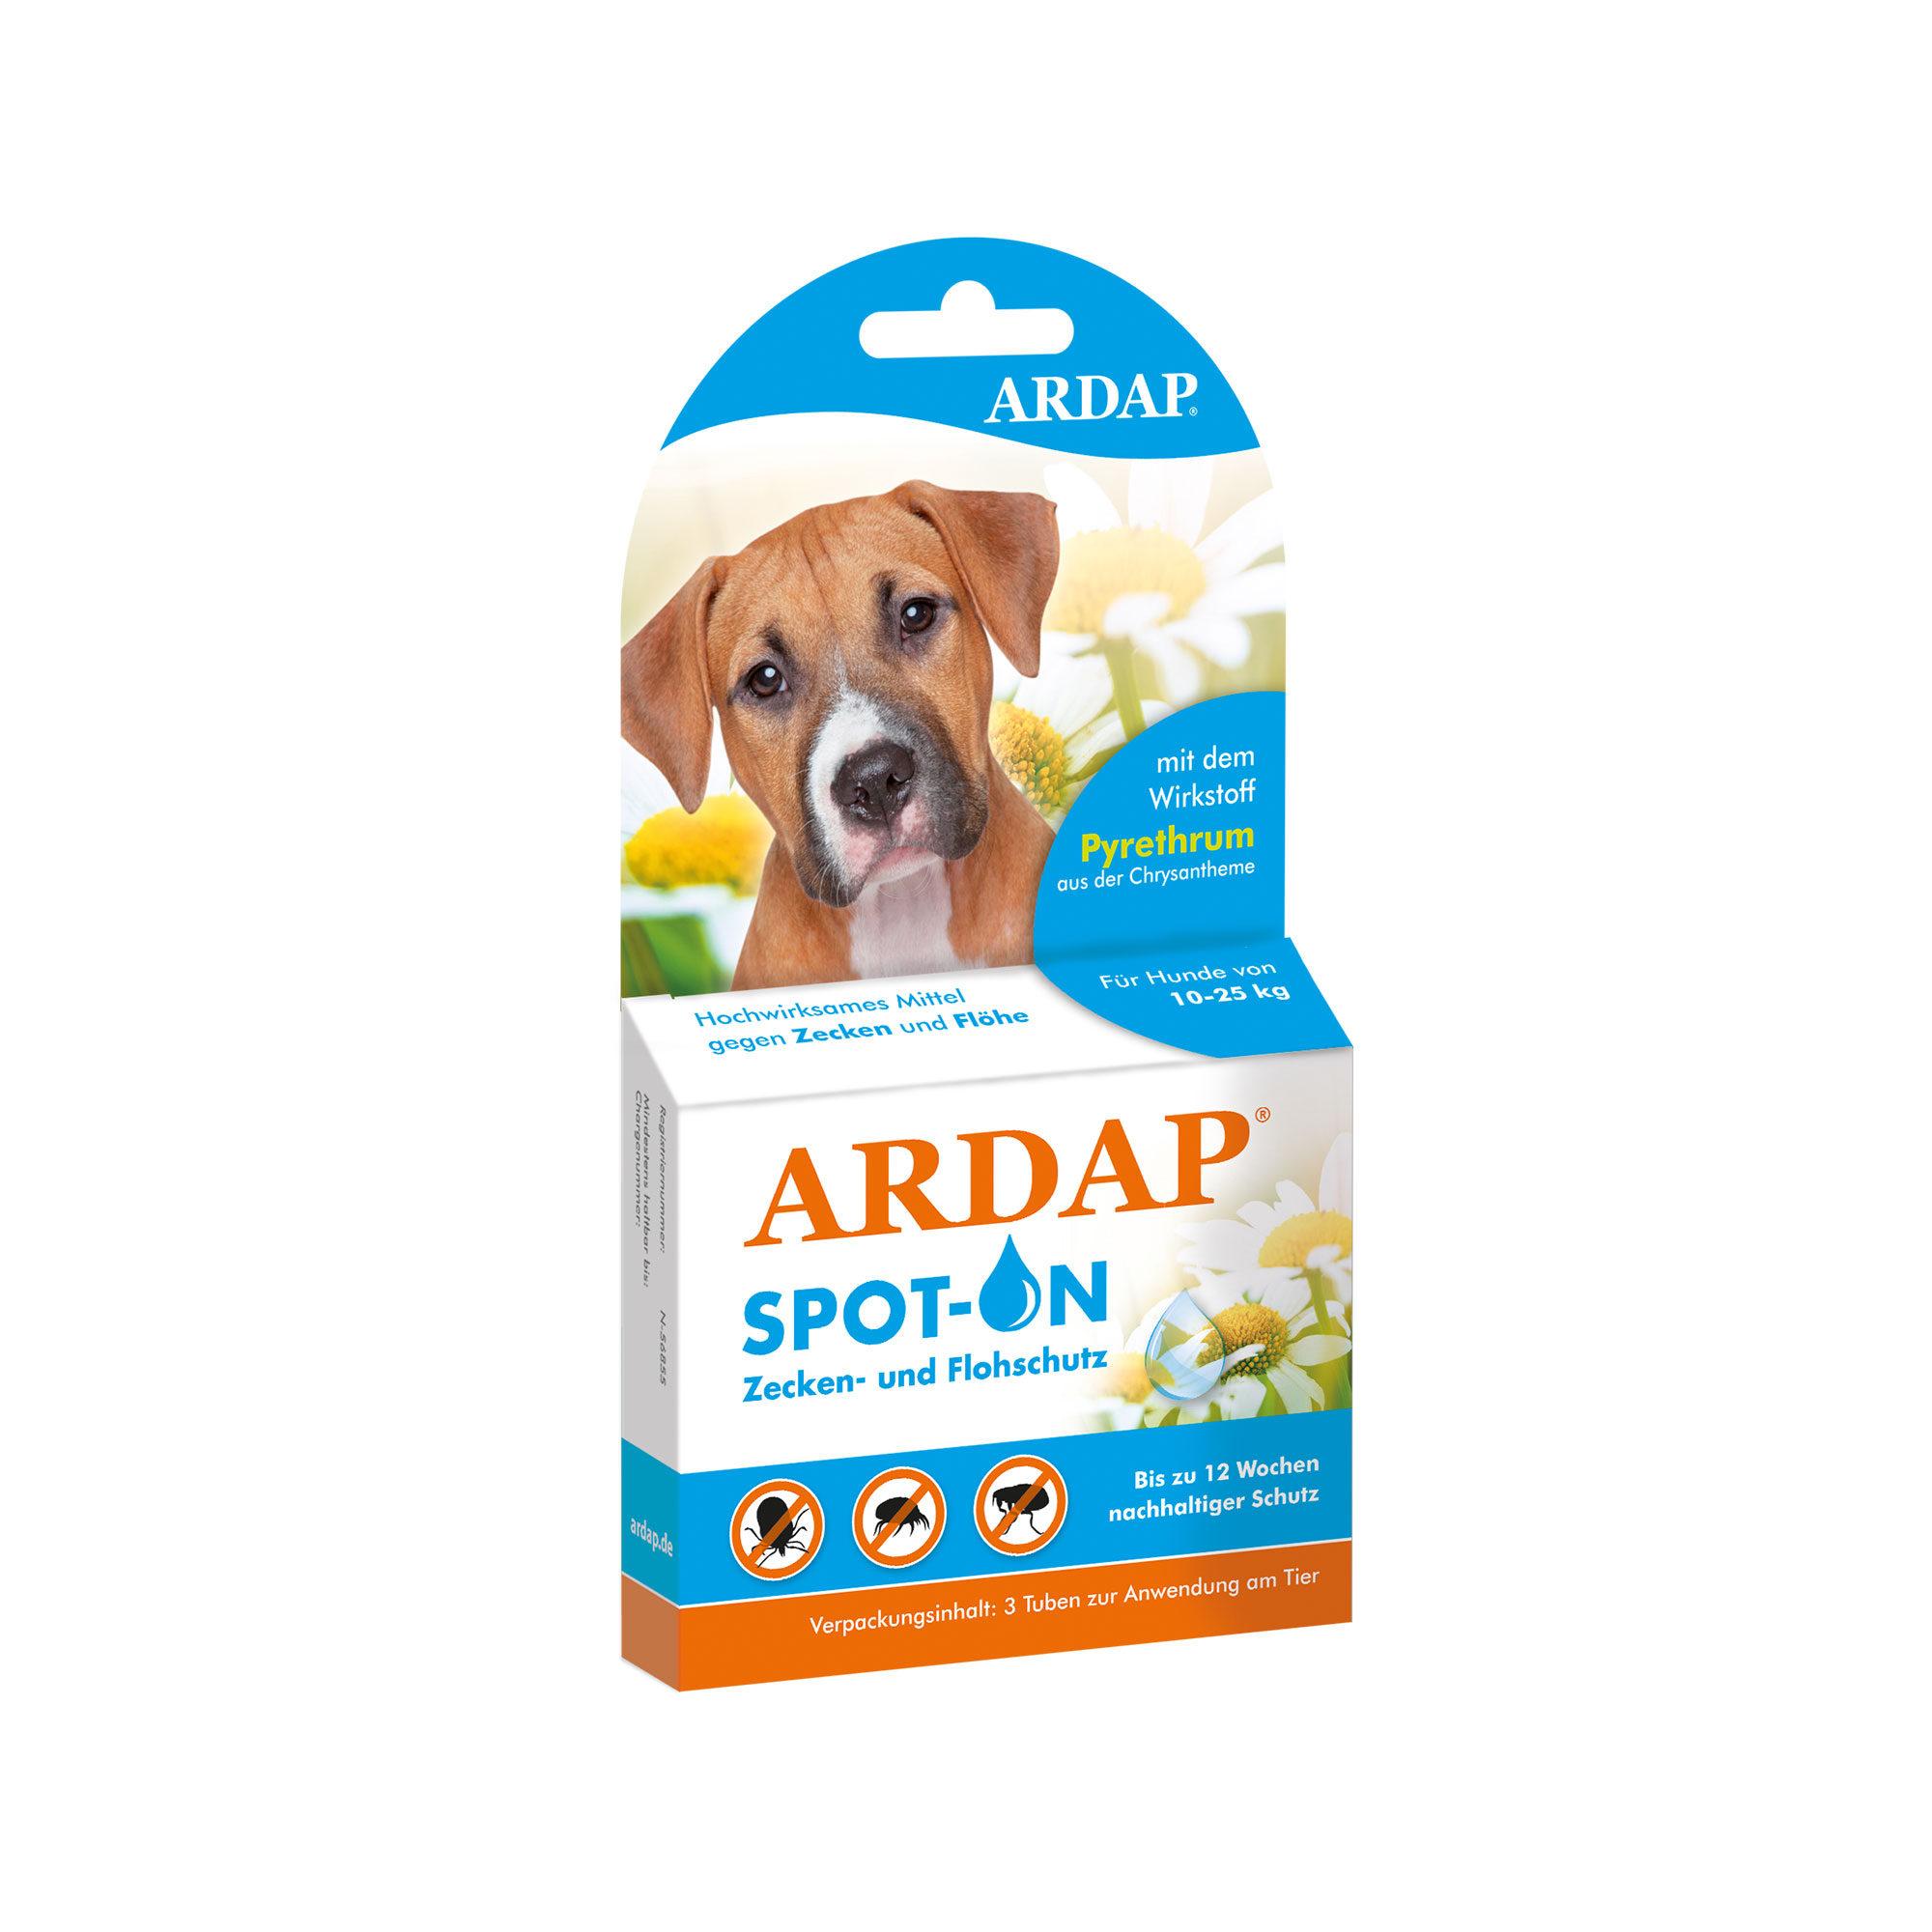 Ardap Spot-On für Hunde von 10 - 25 kg